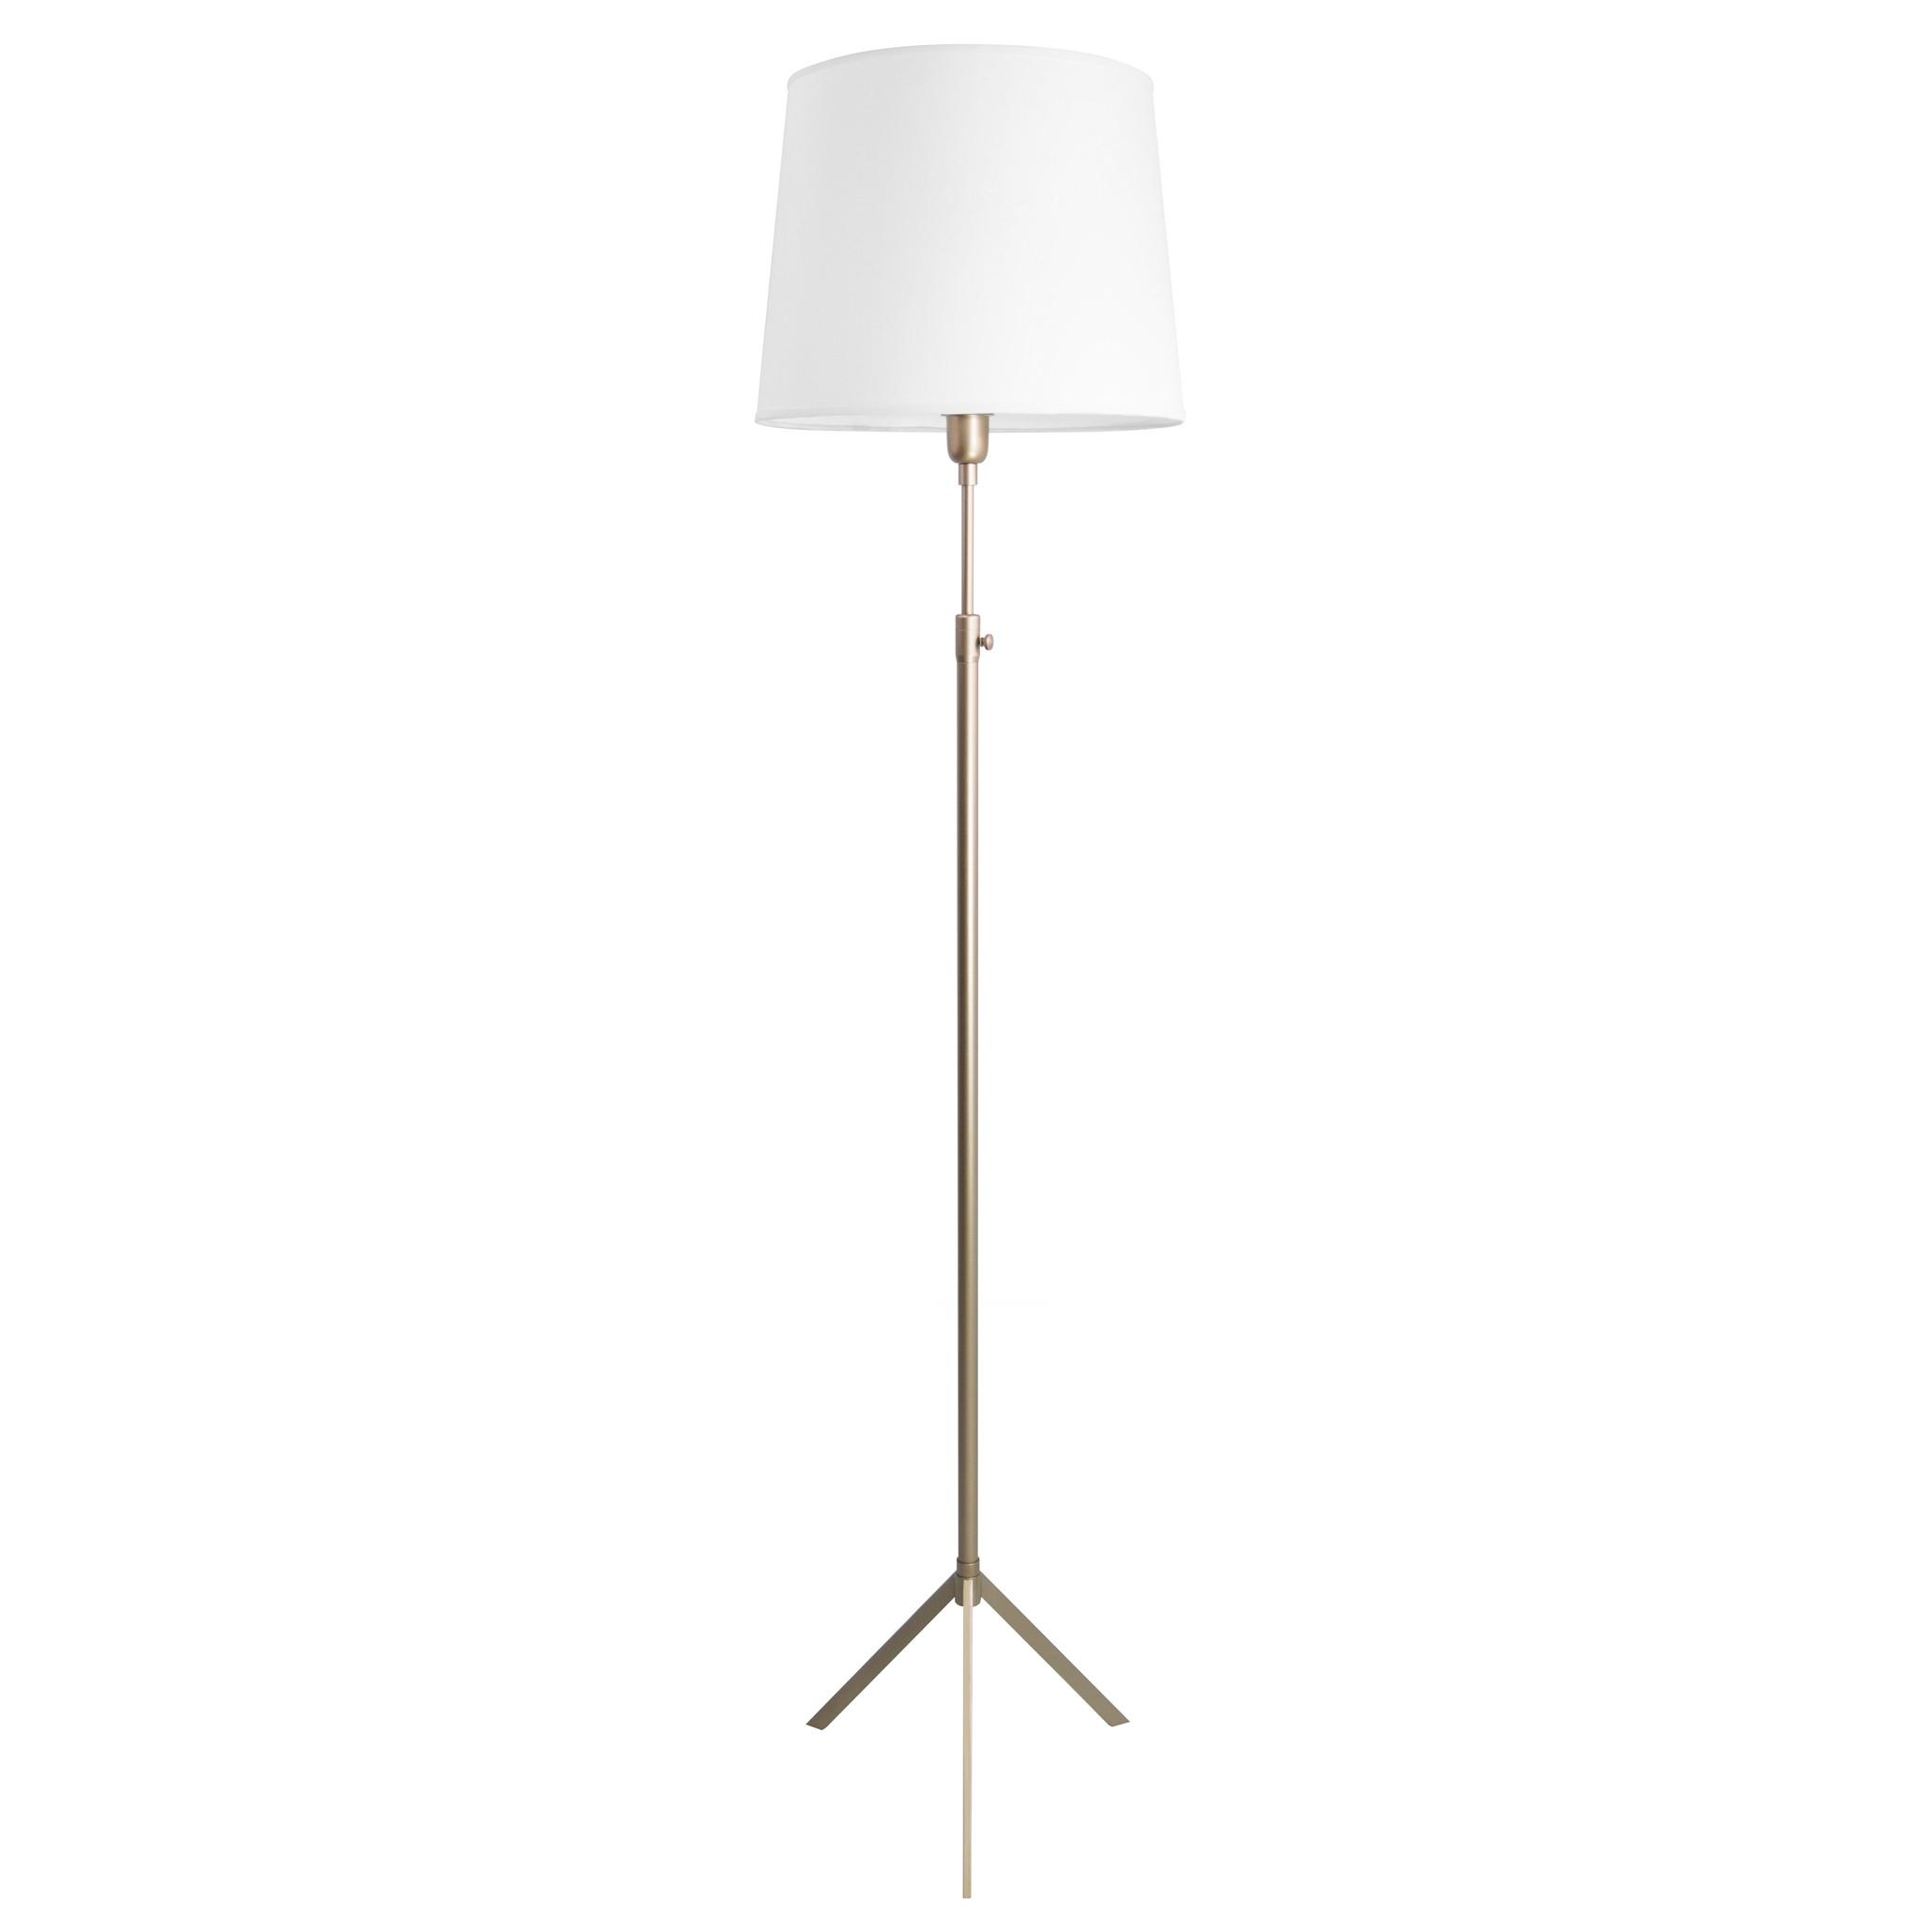 Luminária de Chão Tripé Telescópica 1 Lâmpada Goldenart